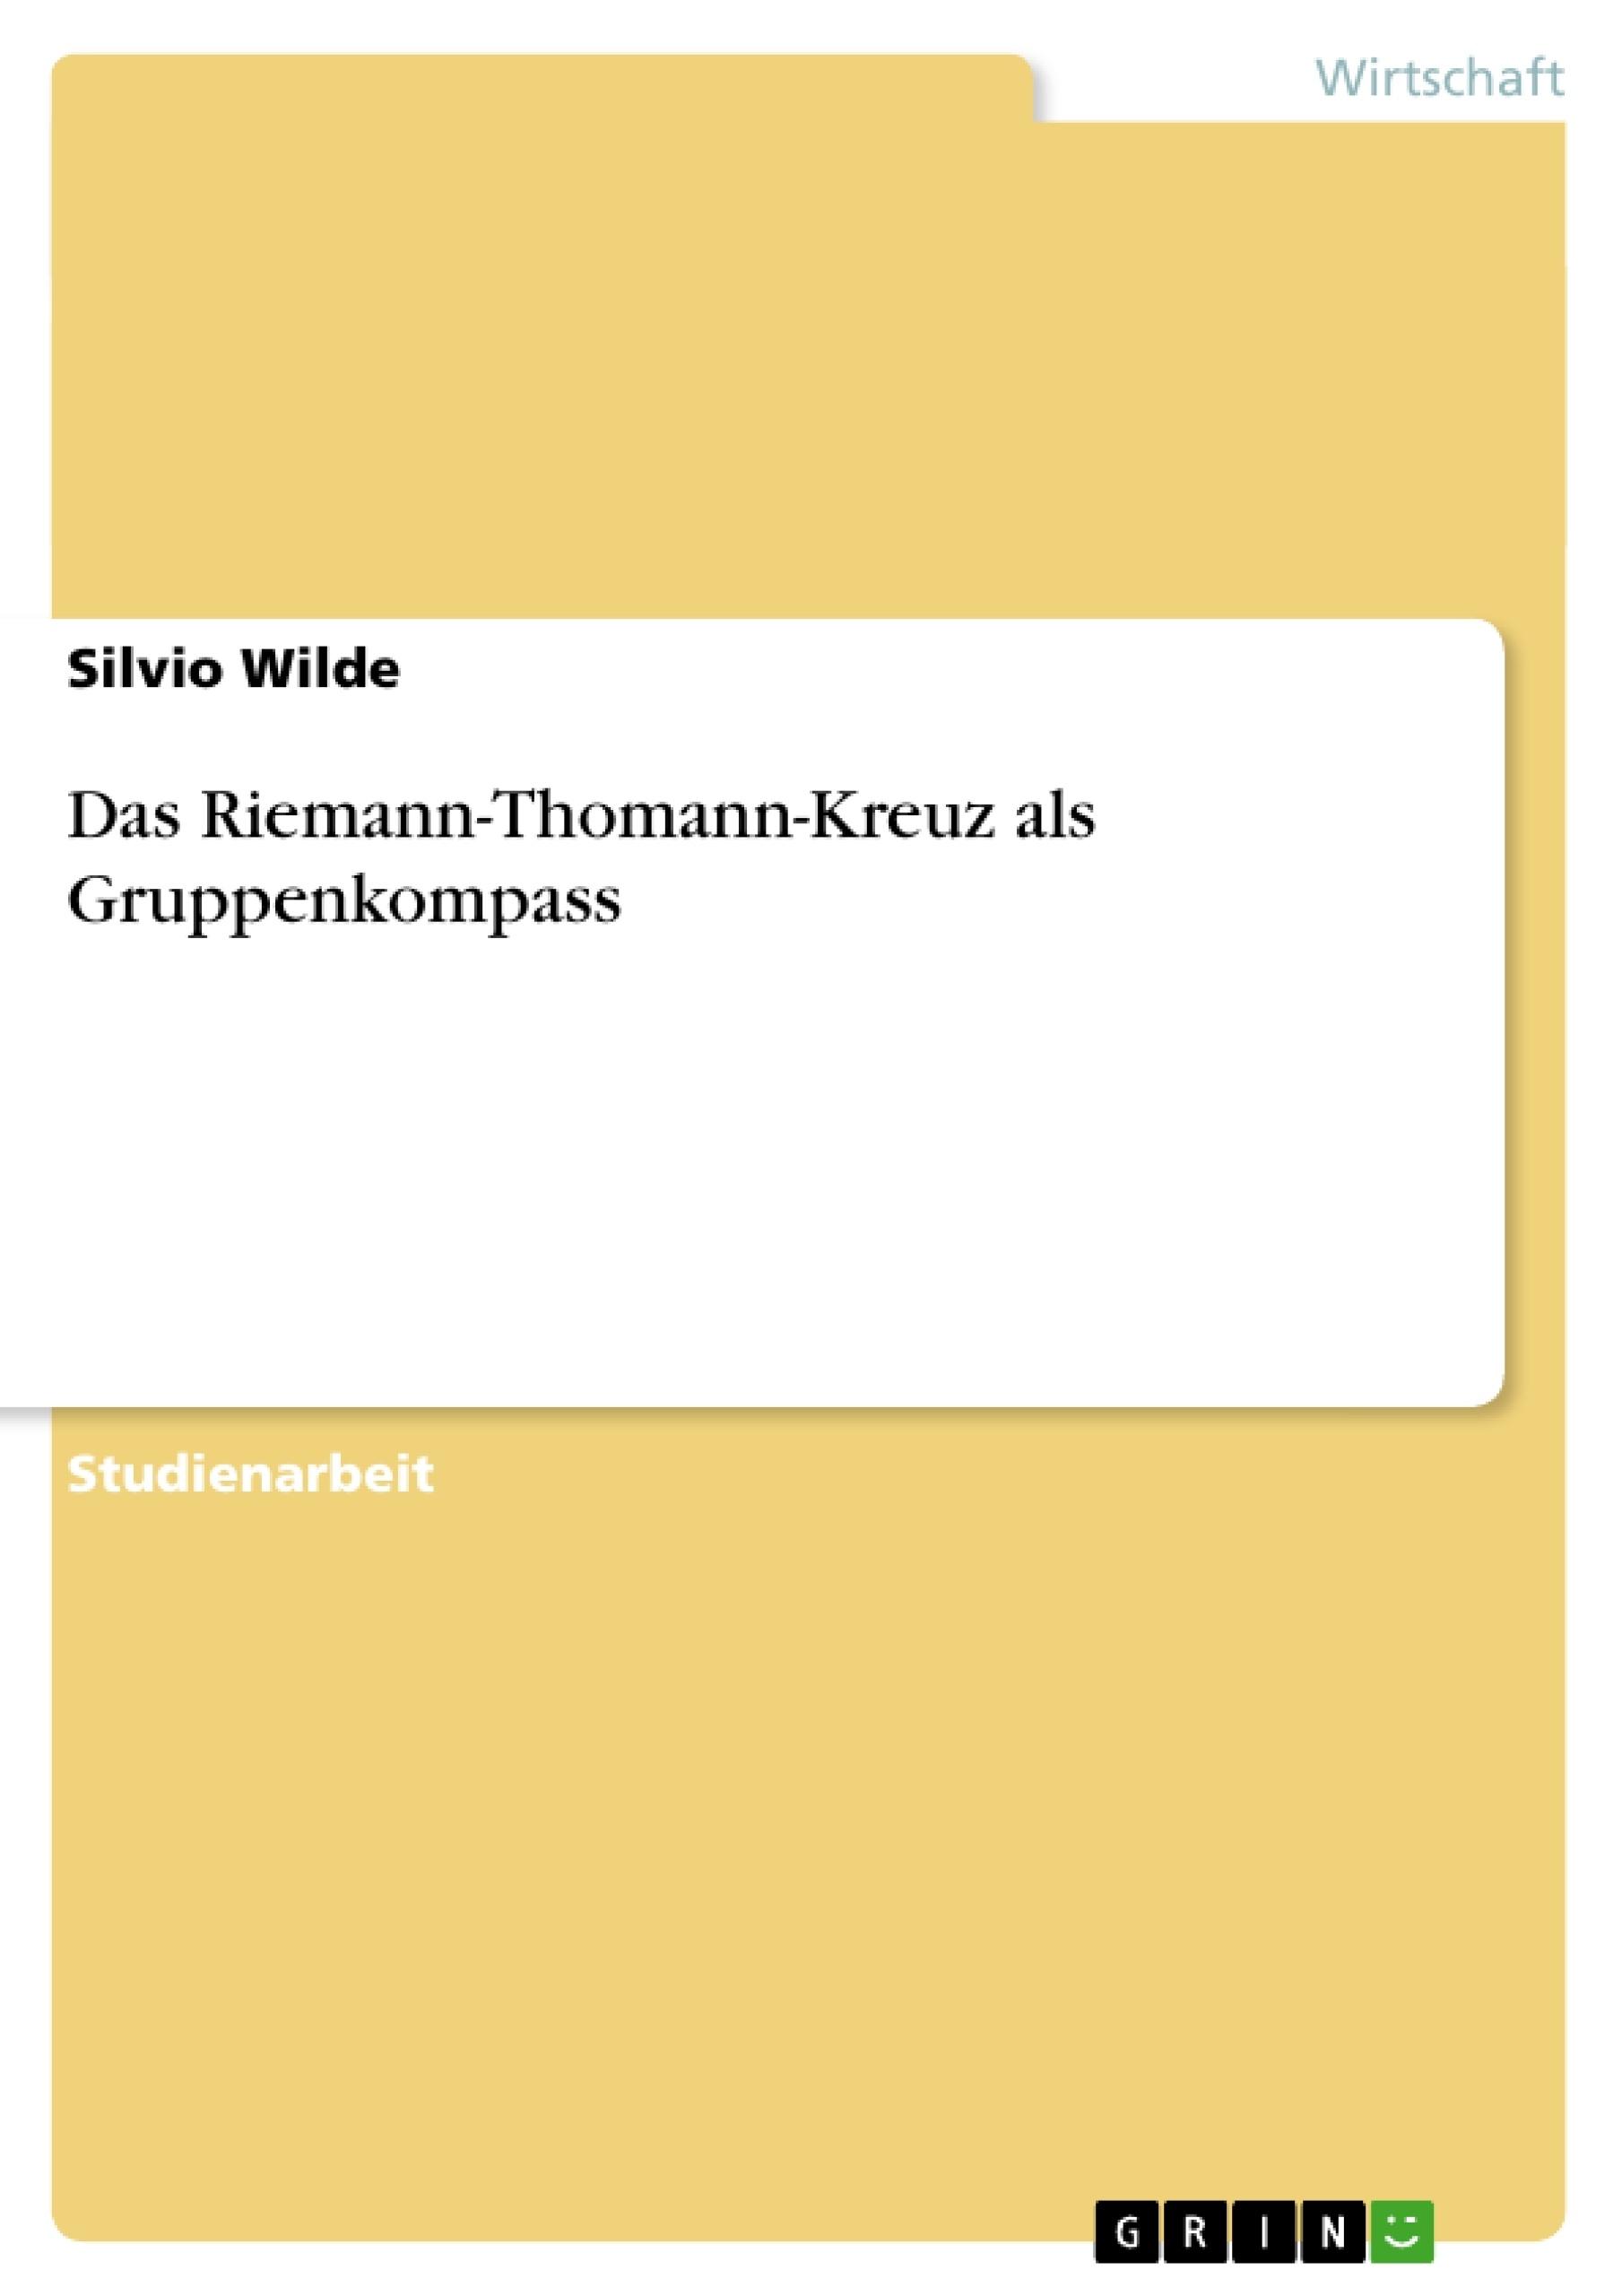 Titel: Das Riemann-Thomann-Kreuz als Gruppenkompass